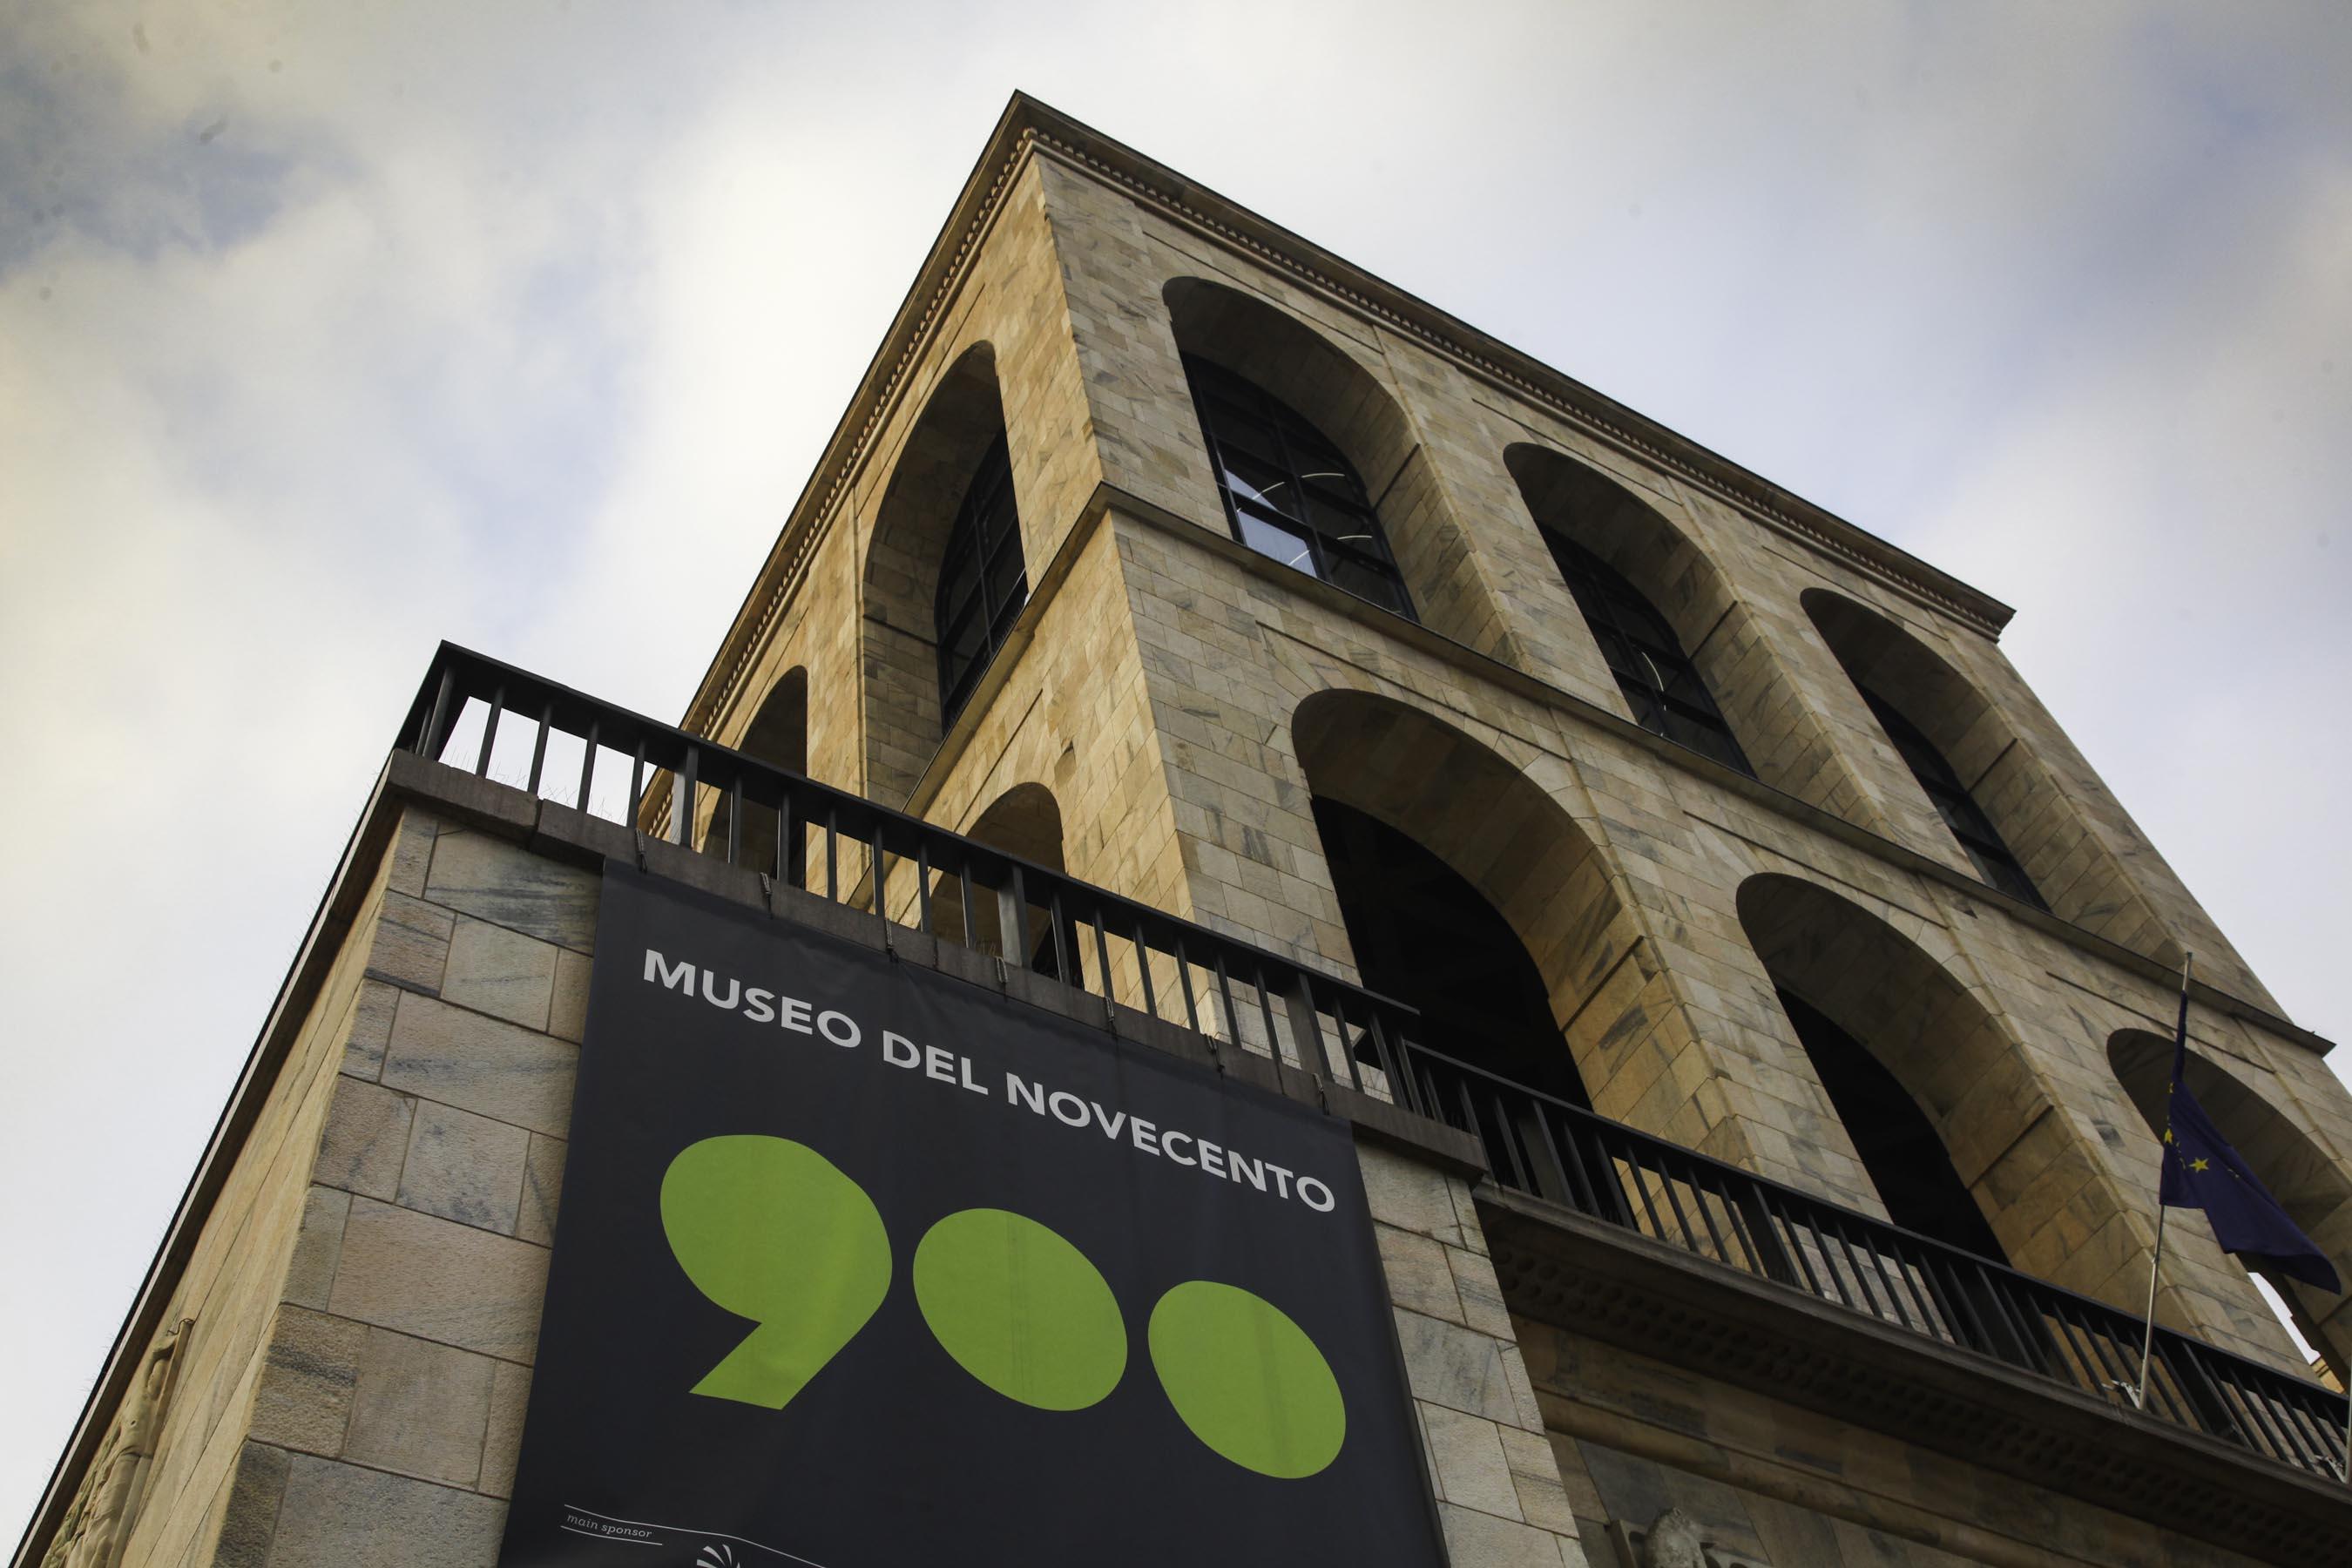 Nel 2017 oltre 9 milioni di visitatori nei musei della Lombardia